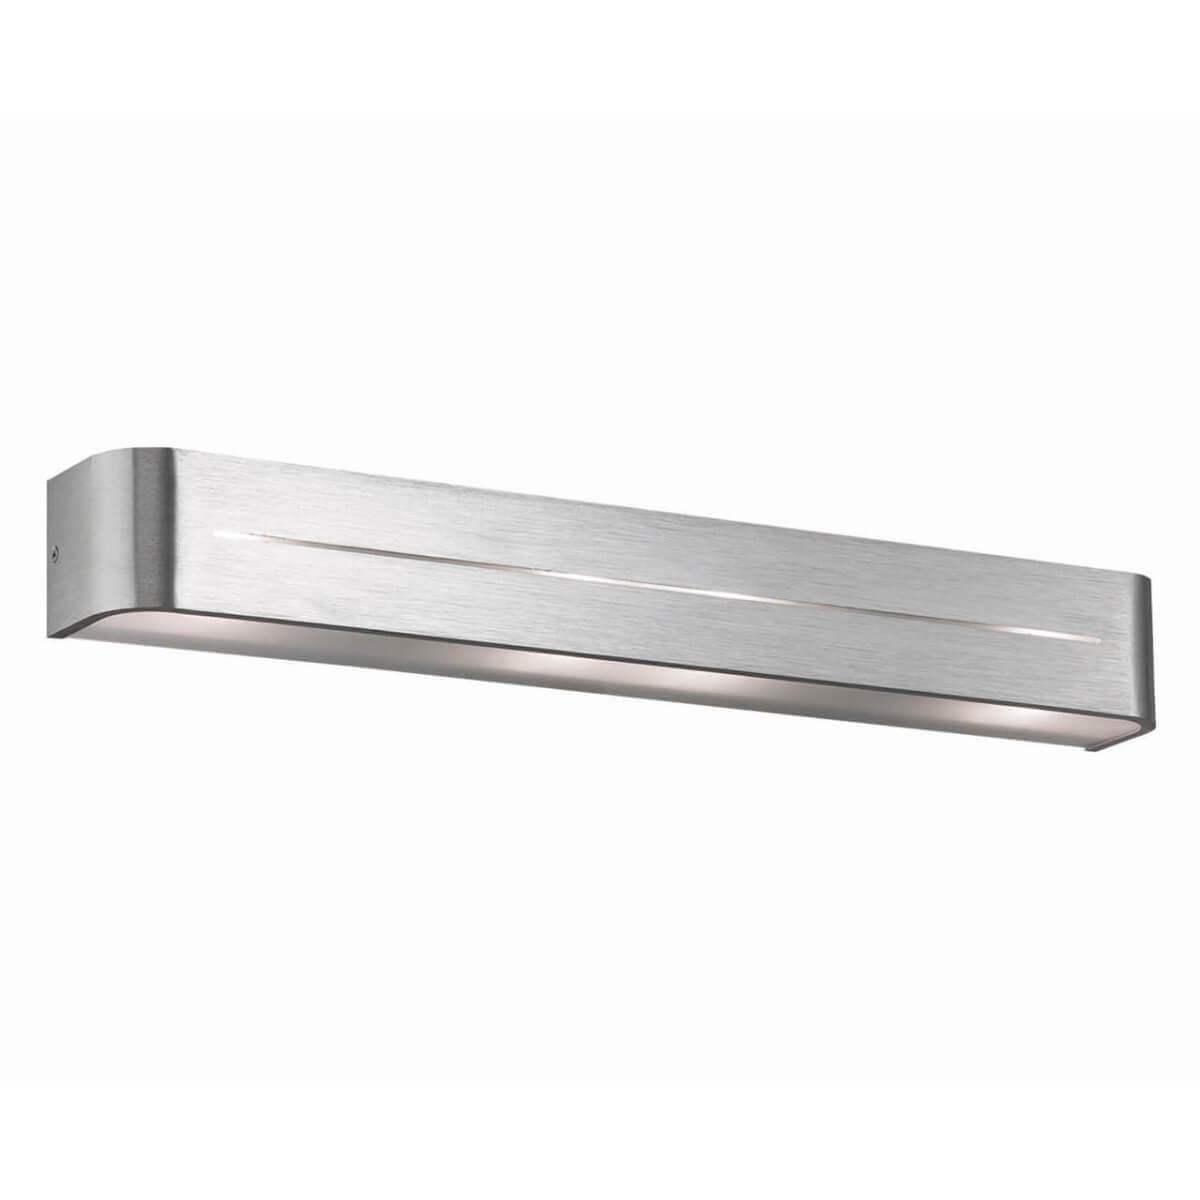 лучшая цена Настенный светильник Ideal Lux Posta AP4 Alluminio